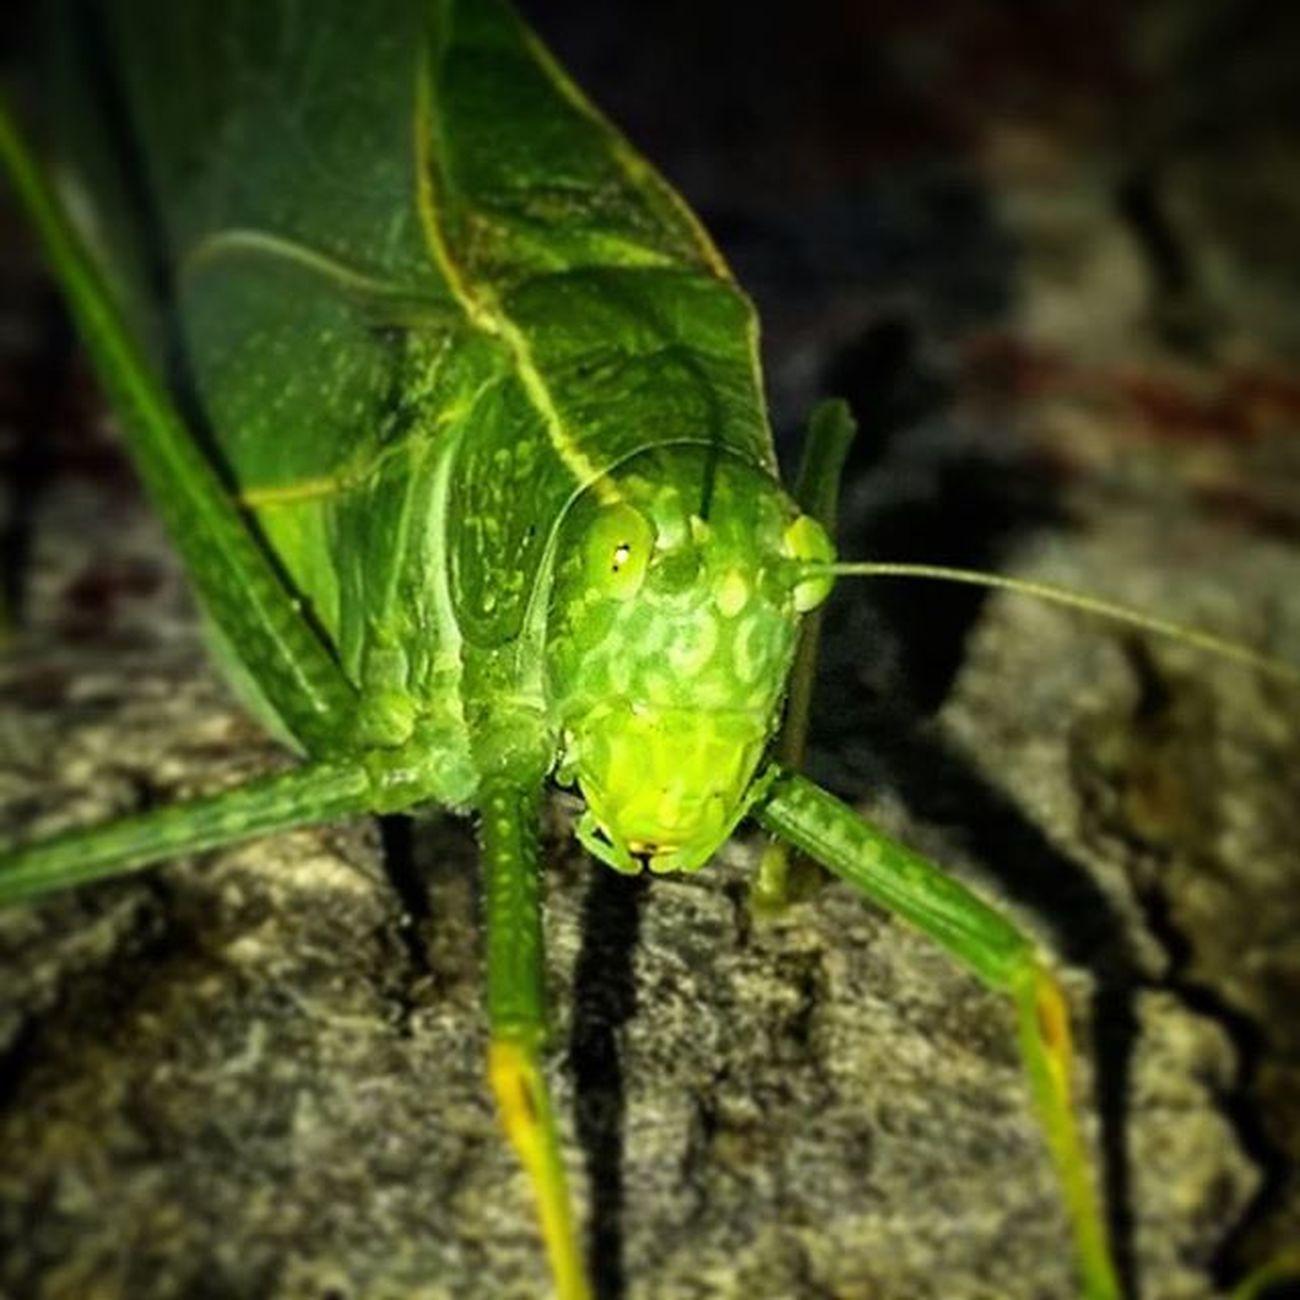 Bugs Leafbug Onecoollittleguy Greenbug Letmeseeyourgrill Leafbugs Hesahottieopper Scareme LOL